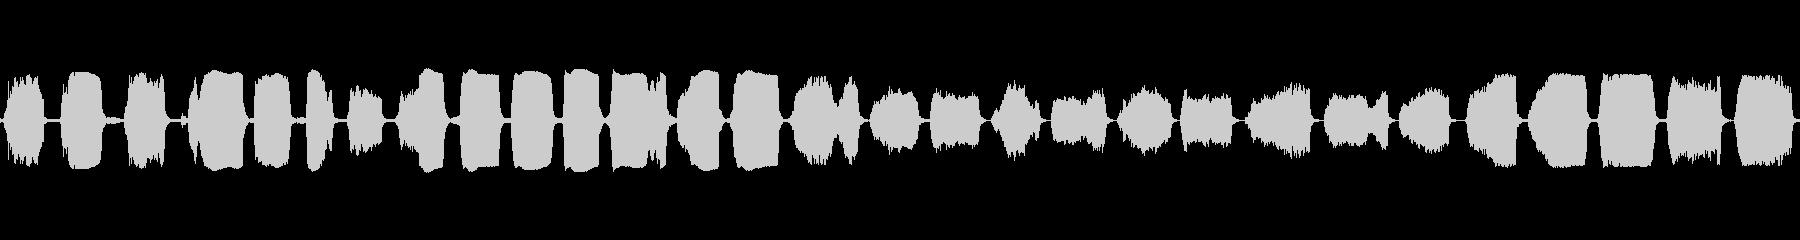 豚の鳴き声の高い子豚の未再生の波形